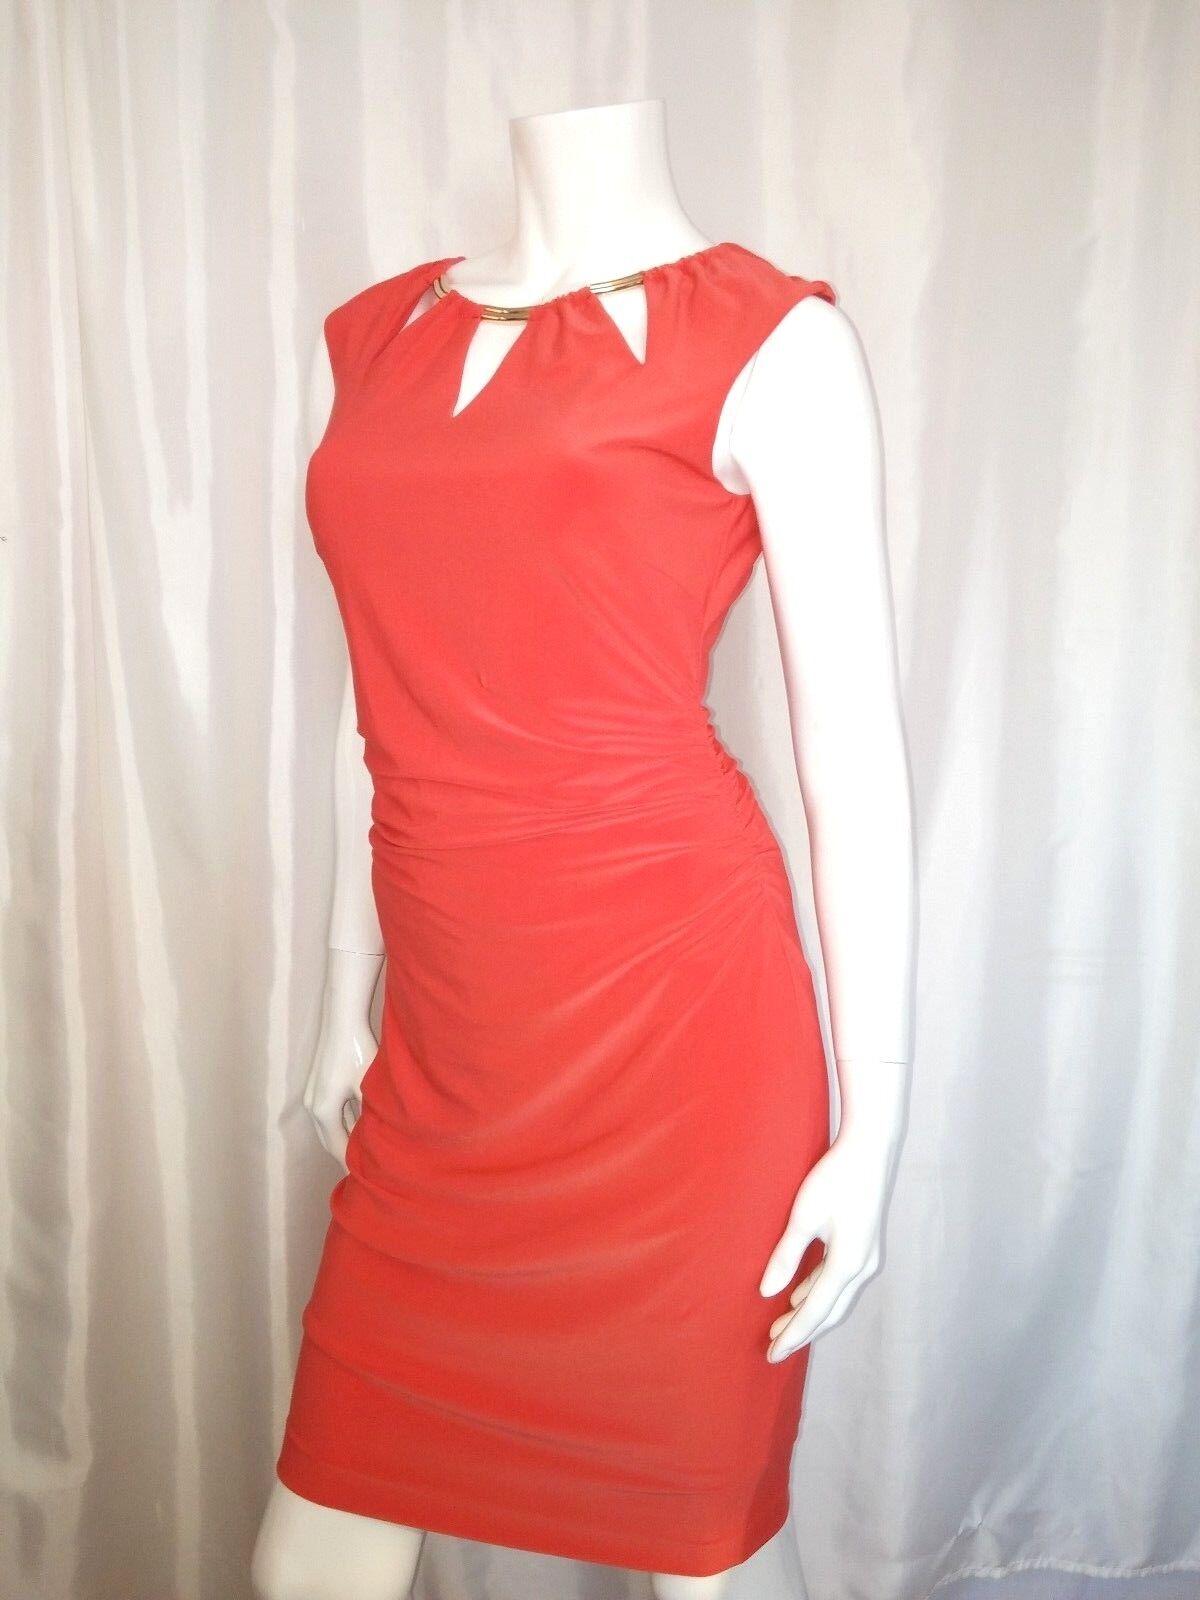 NWT Sexy CACHE Salmon Red Stretch Key Hole Dress   6 M